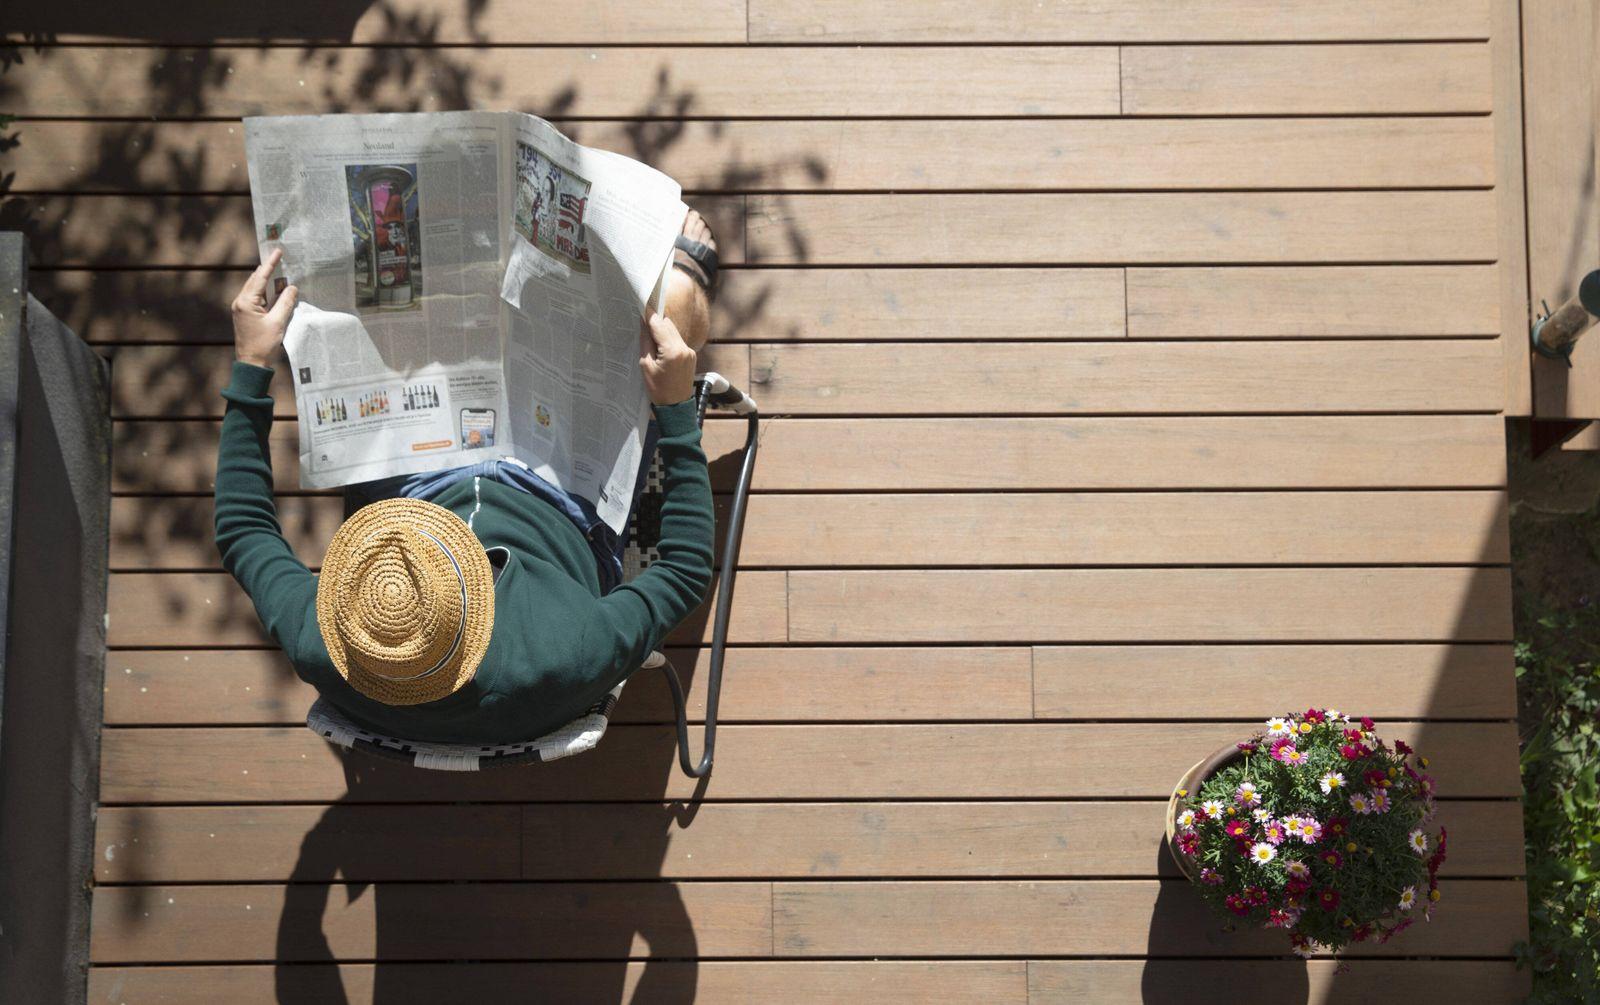 Thema: Mann m it Tageszeitung auf seiner Terasse. Bonn Deutschland *** Topic Man with the daily newspaper on his terrace